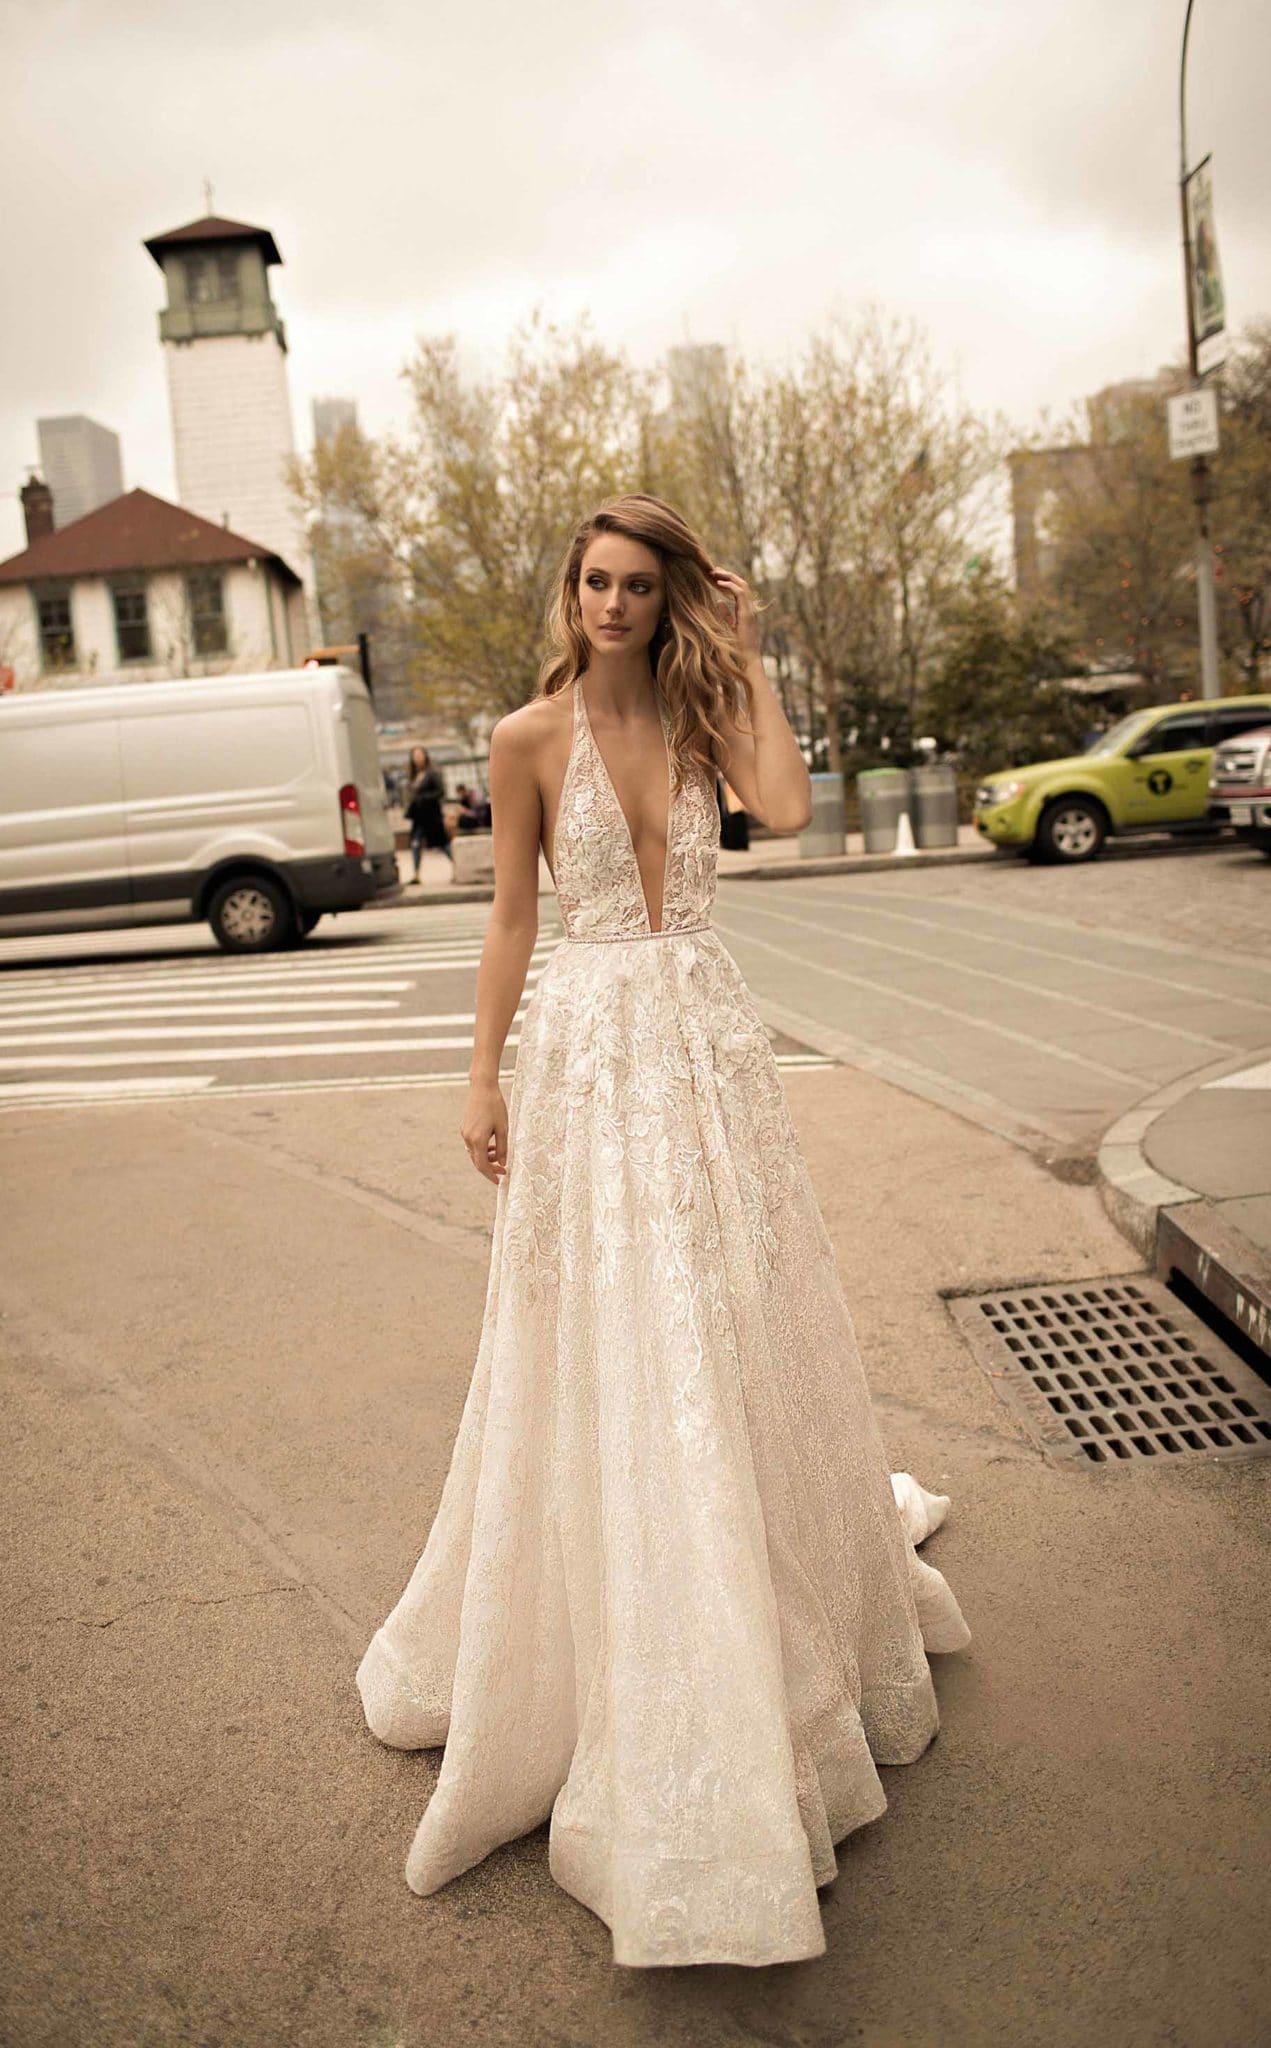 Robe romantique et urbaine à la fois, sélection robes de mariées 2021 Atout Coeur Wedding